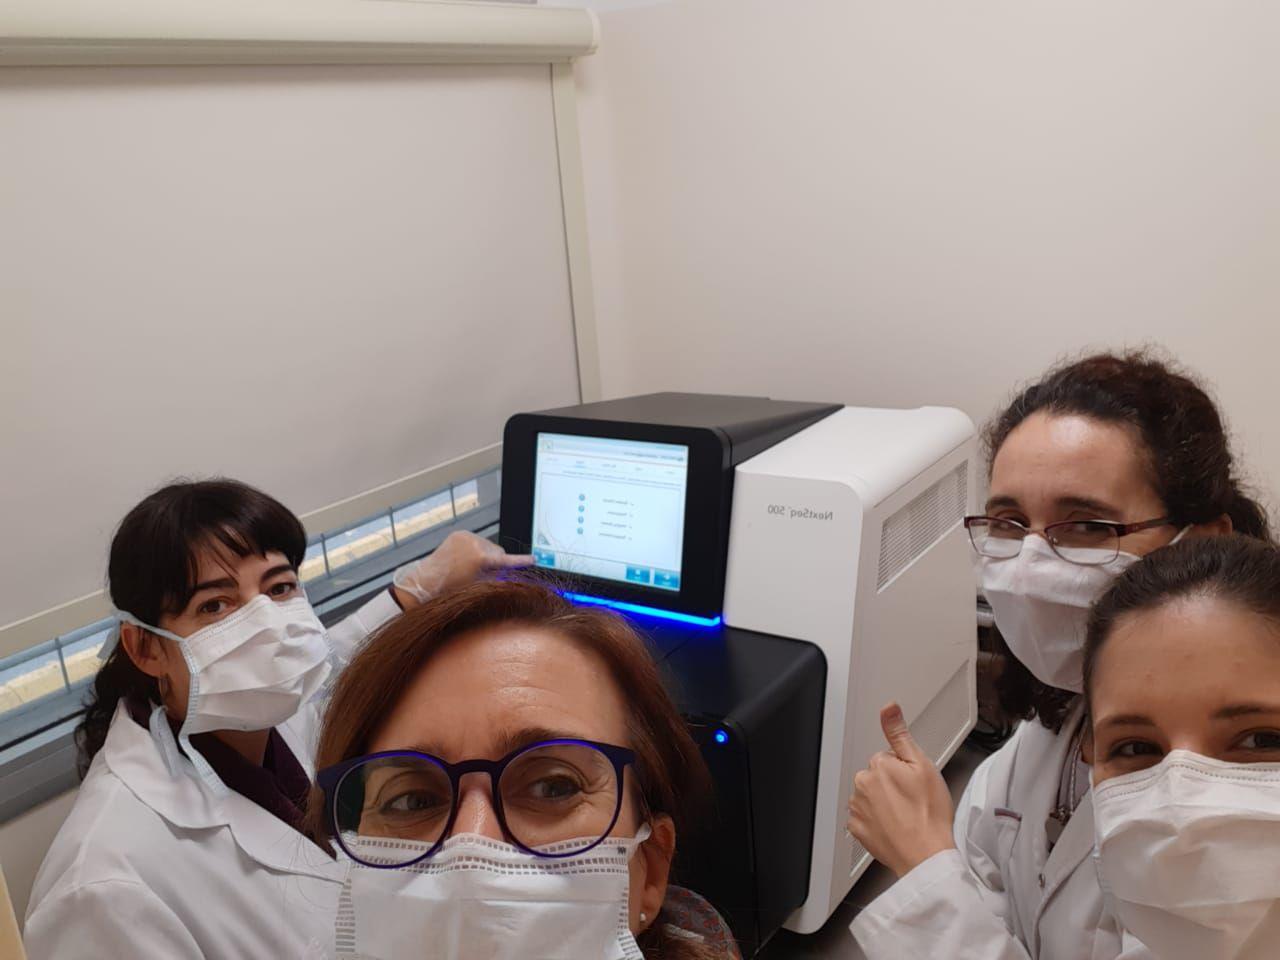 Mariana Viegas y Mercedes Soledad Nabaes Jodar, investigadoras del laboratorio de virología del Hospital de Niños Ricardo Gutiérrez